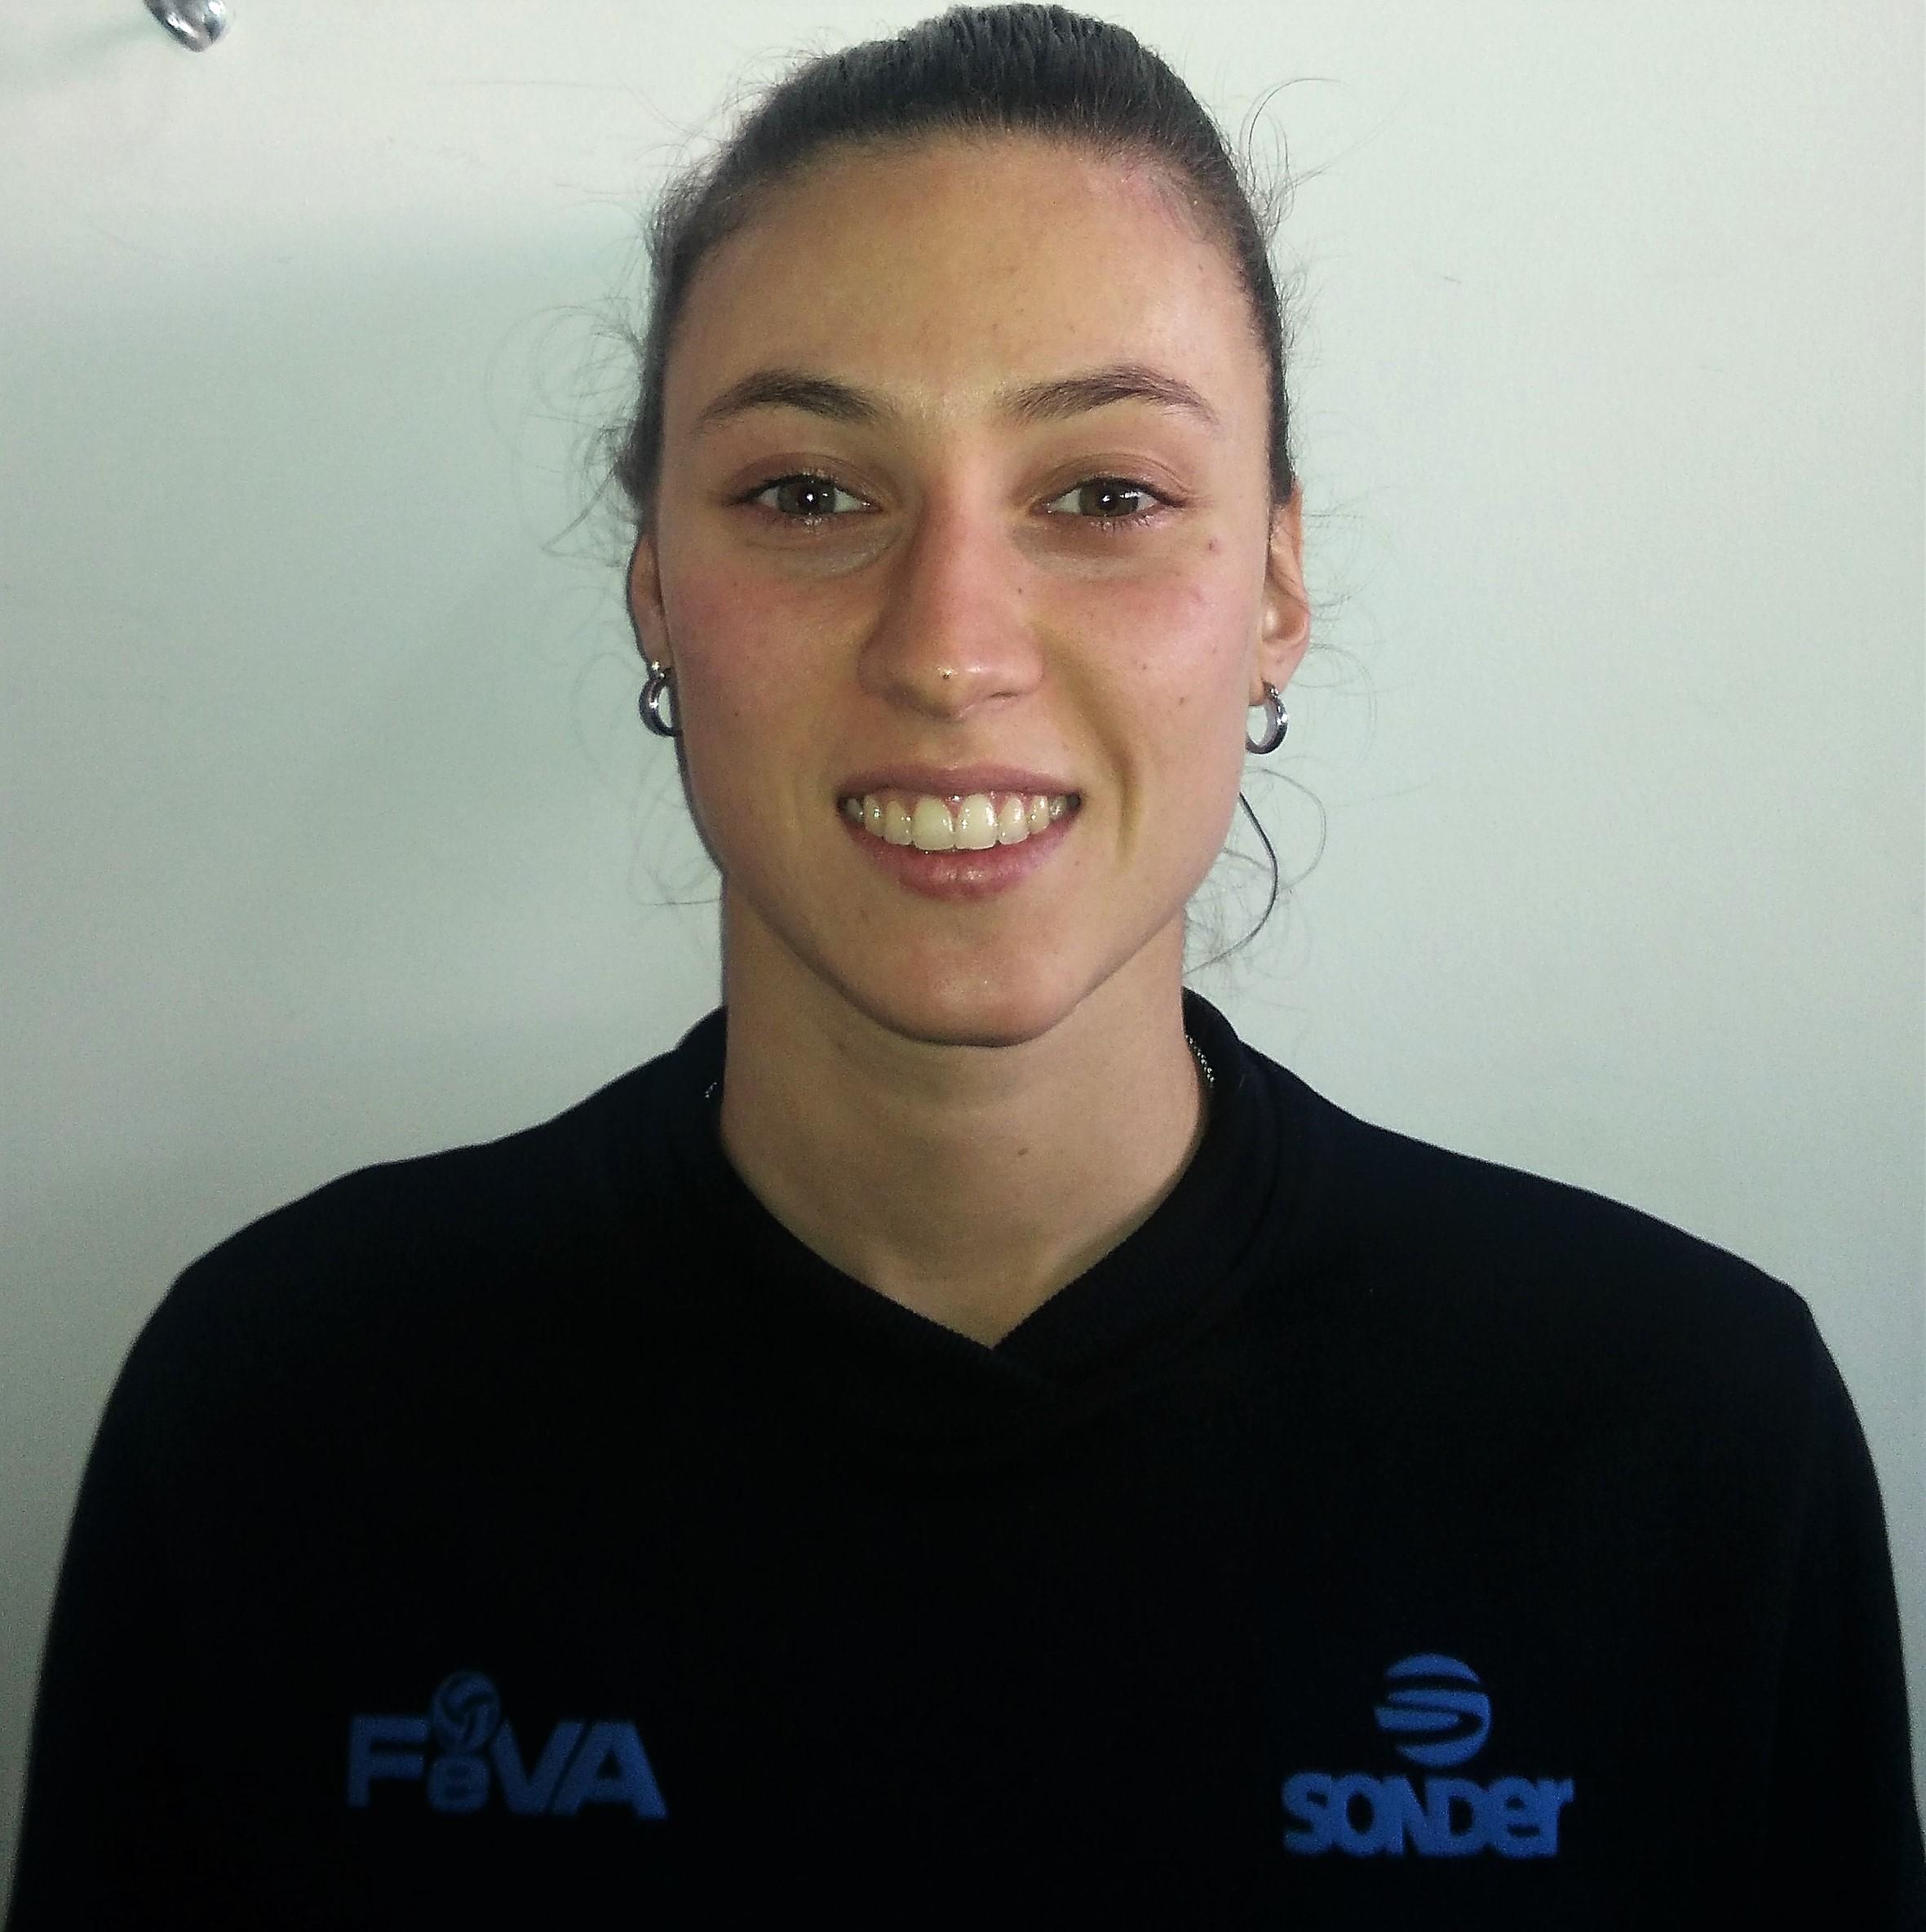 Florencia Giorgi